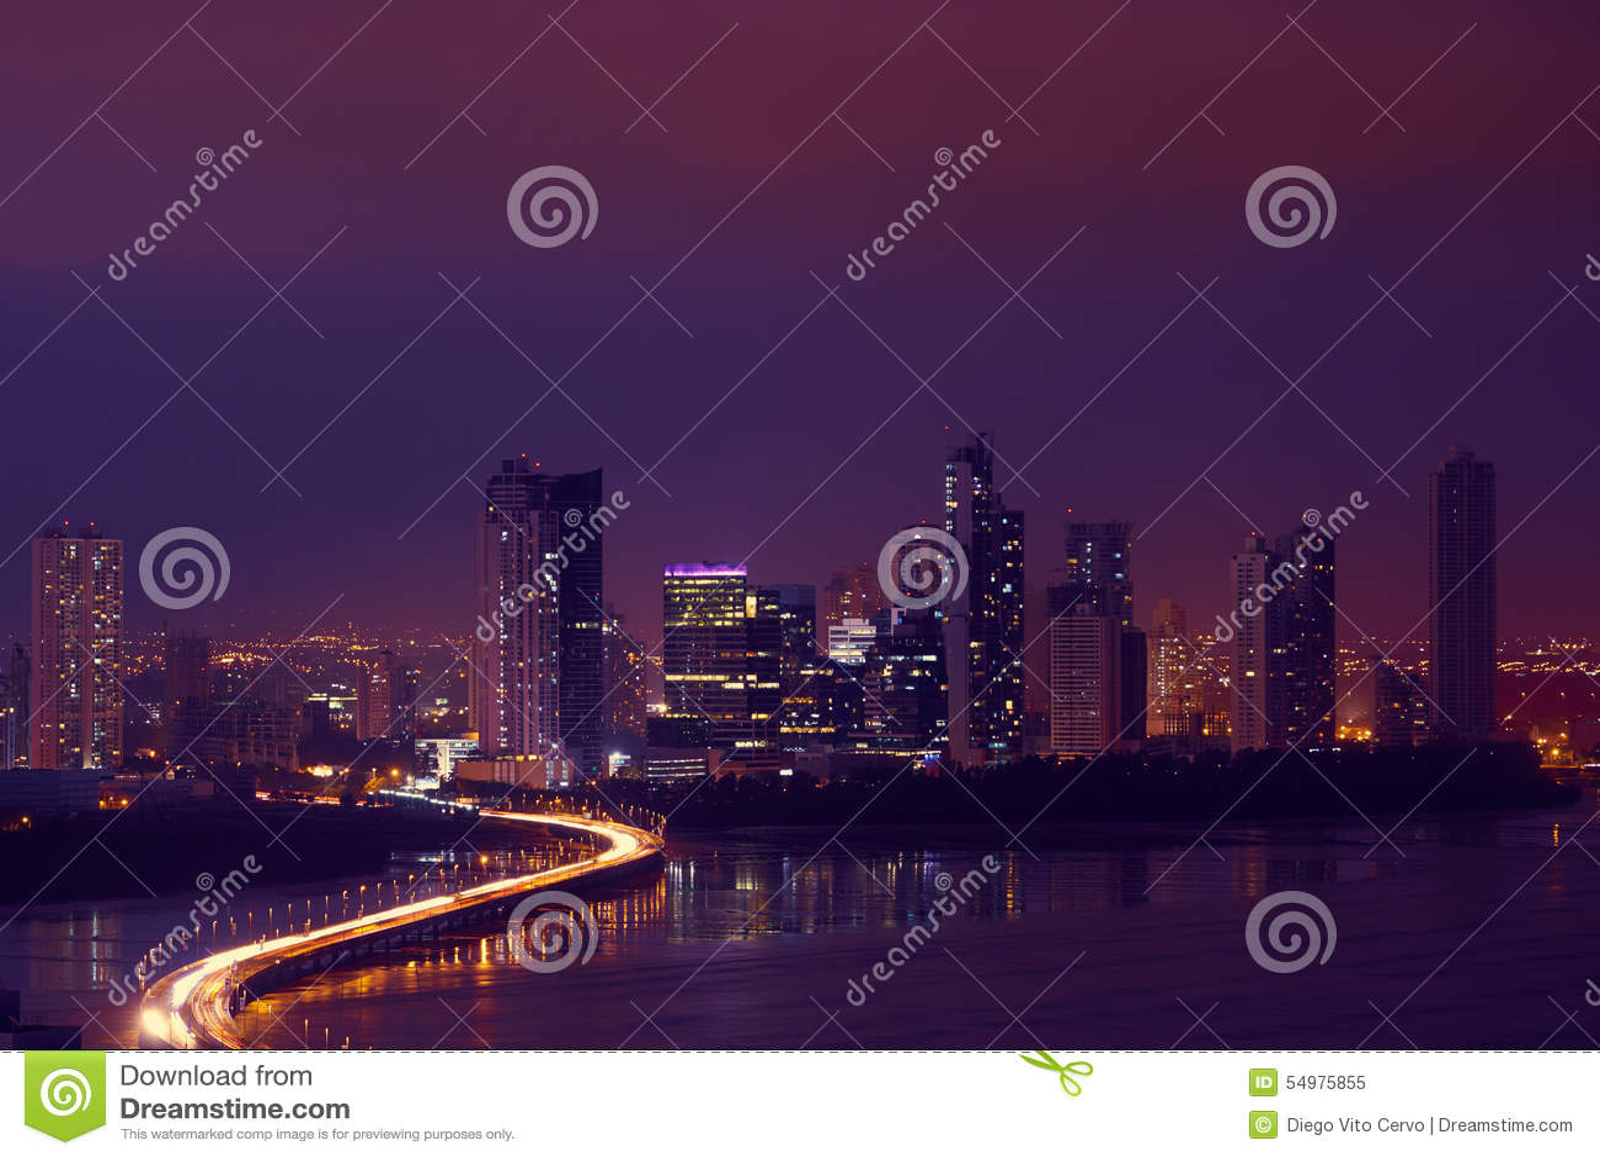 Orizzonte di notte di Panamá con traffico di automobile sulla strada principale